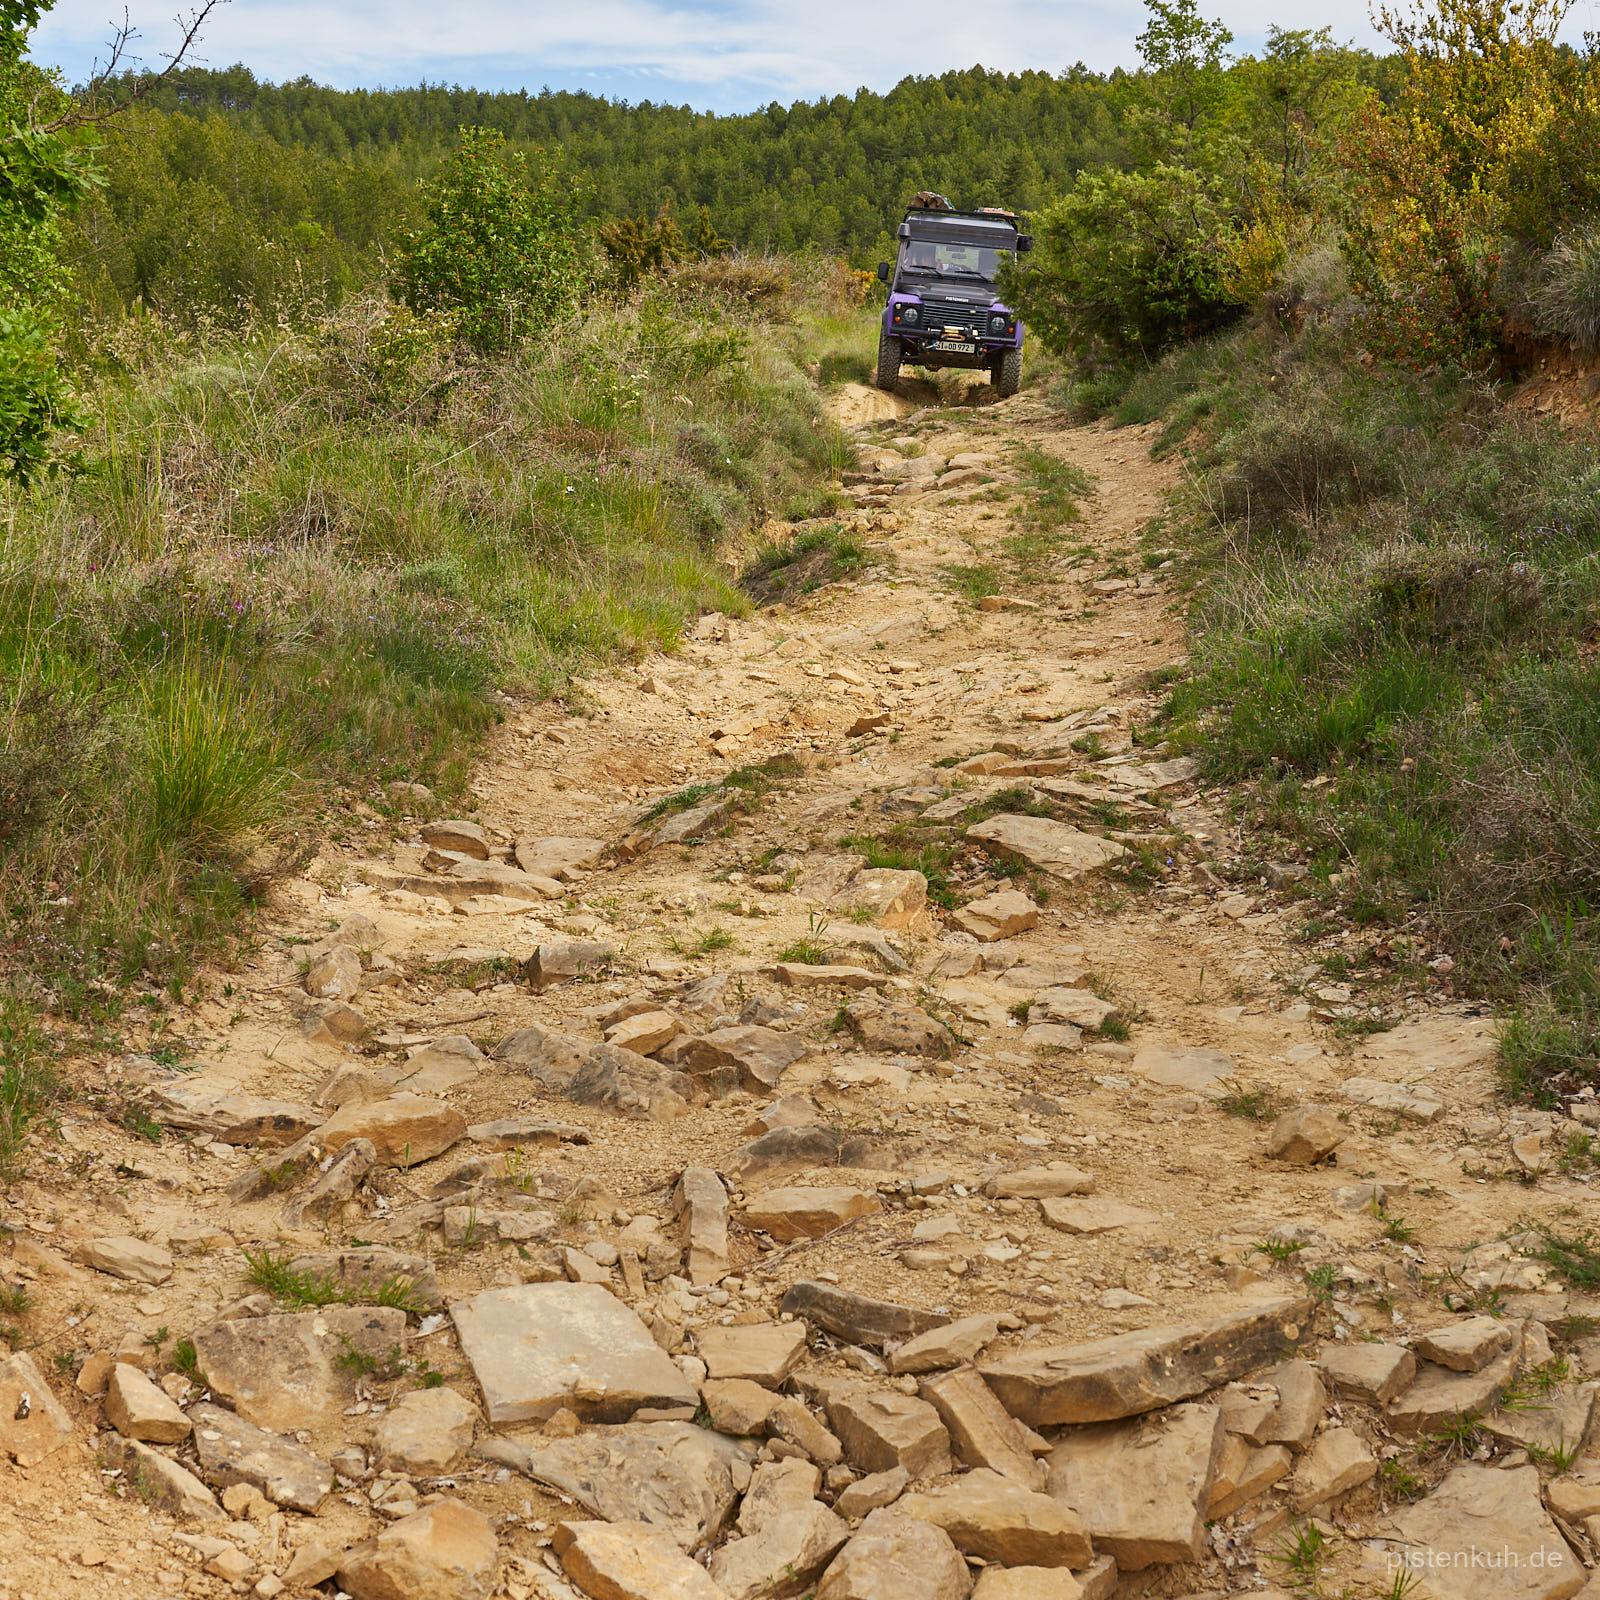 steinige Strecke für Land Rover